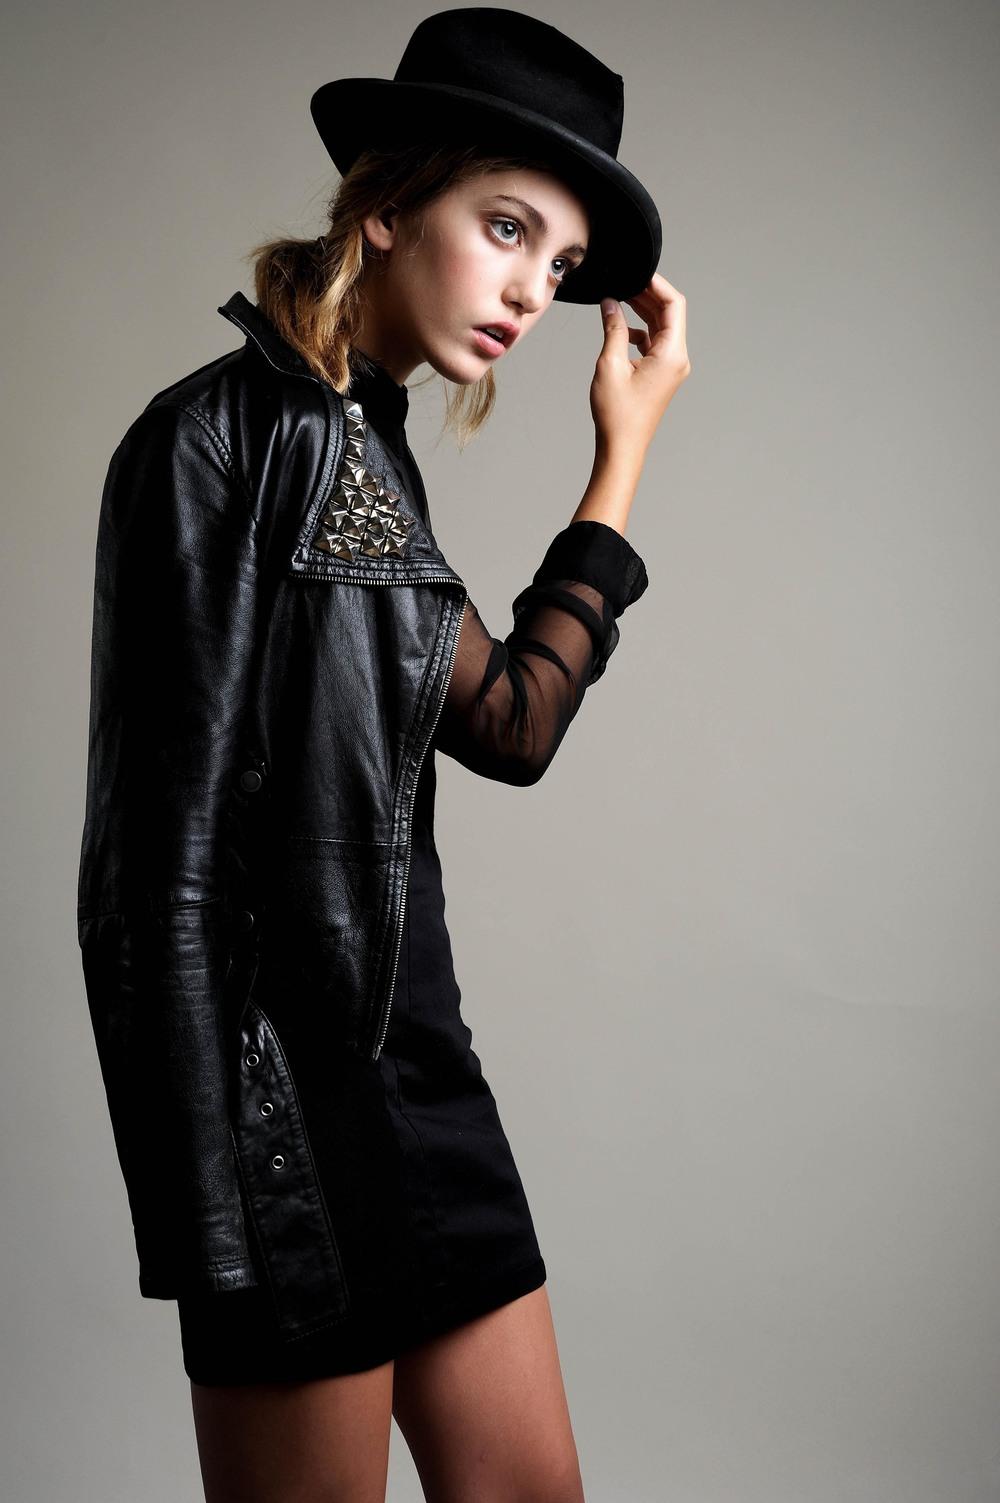 Whitney_Hay-la_models-2.jpg